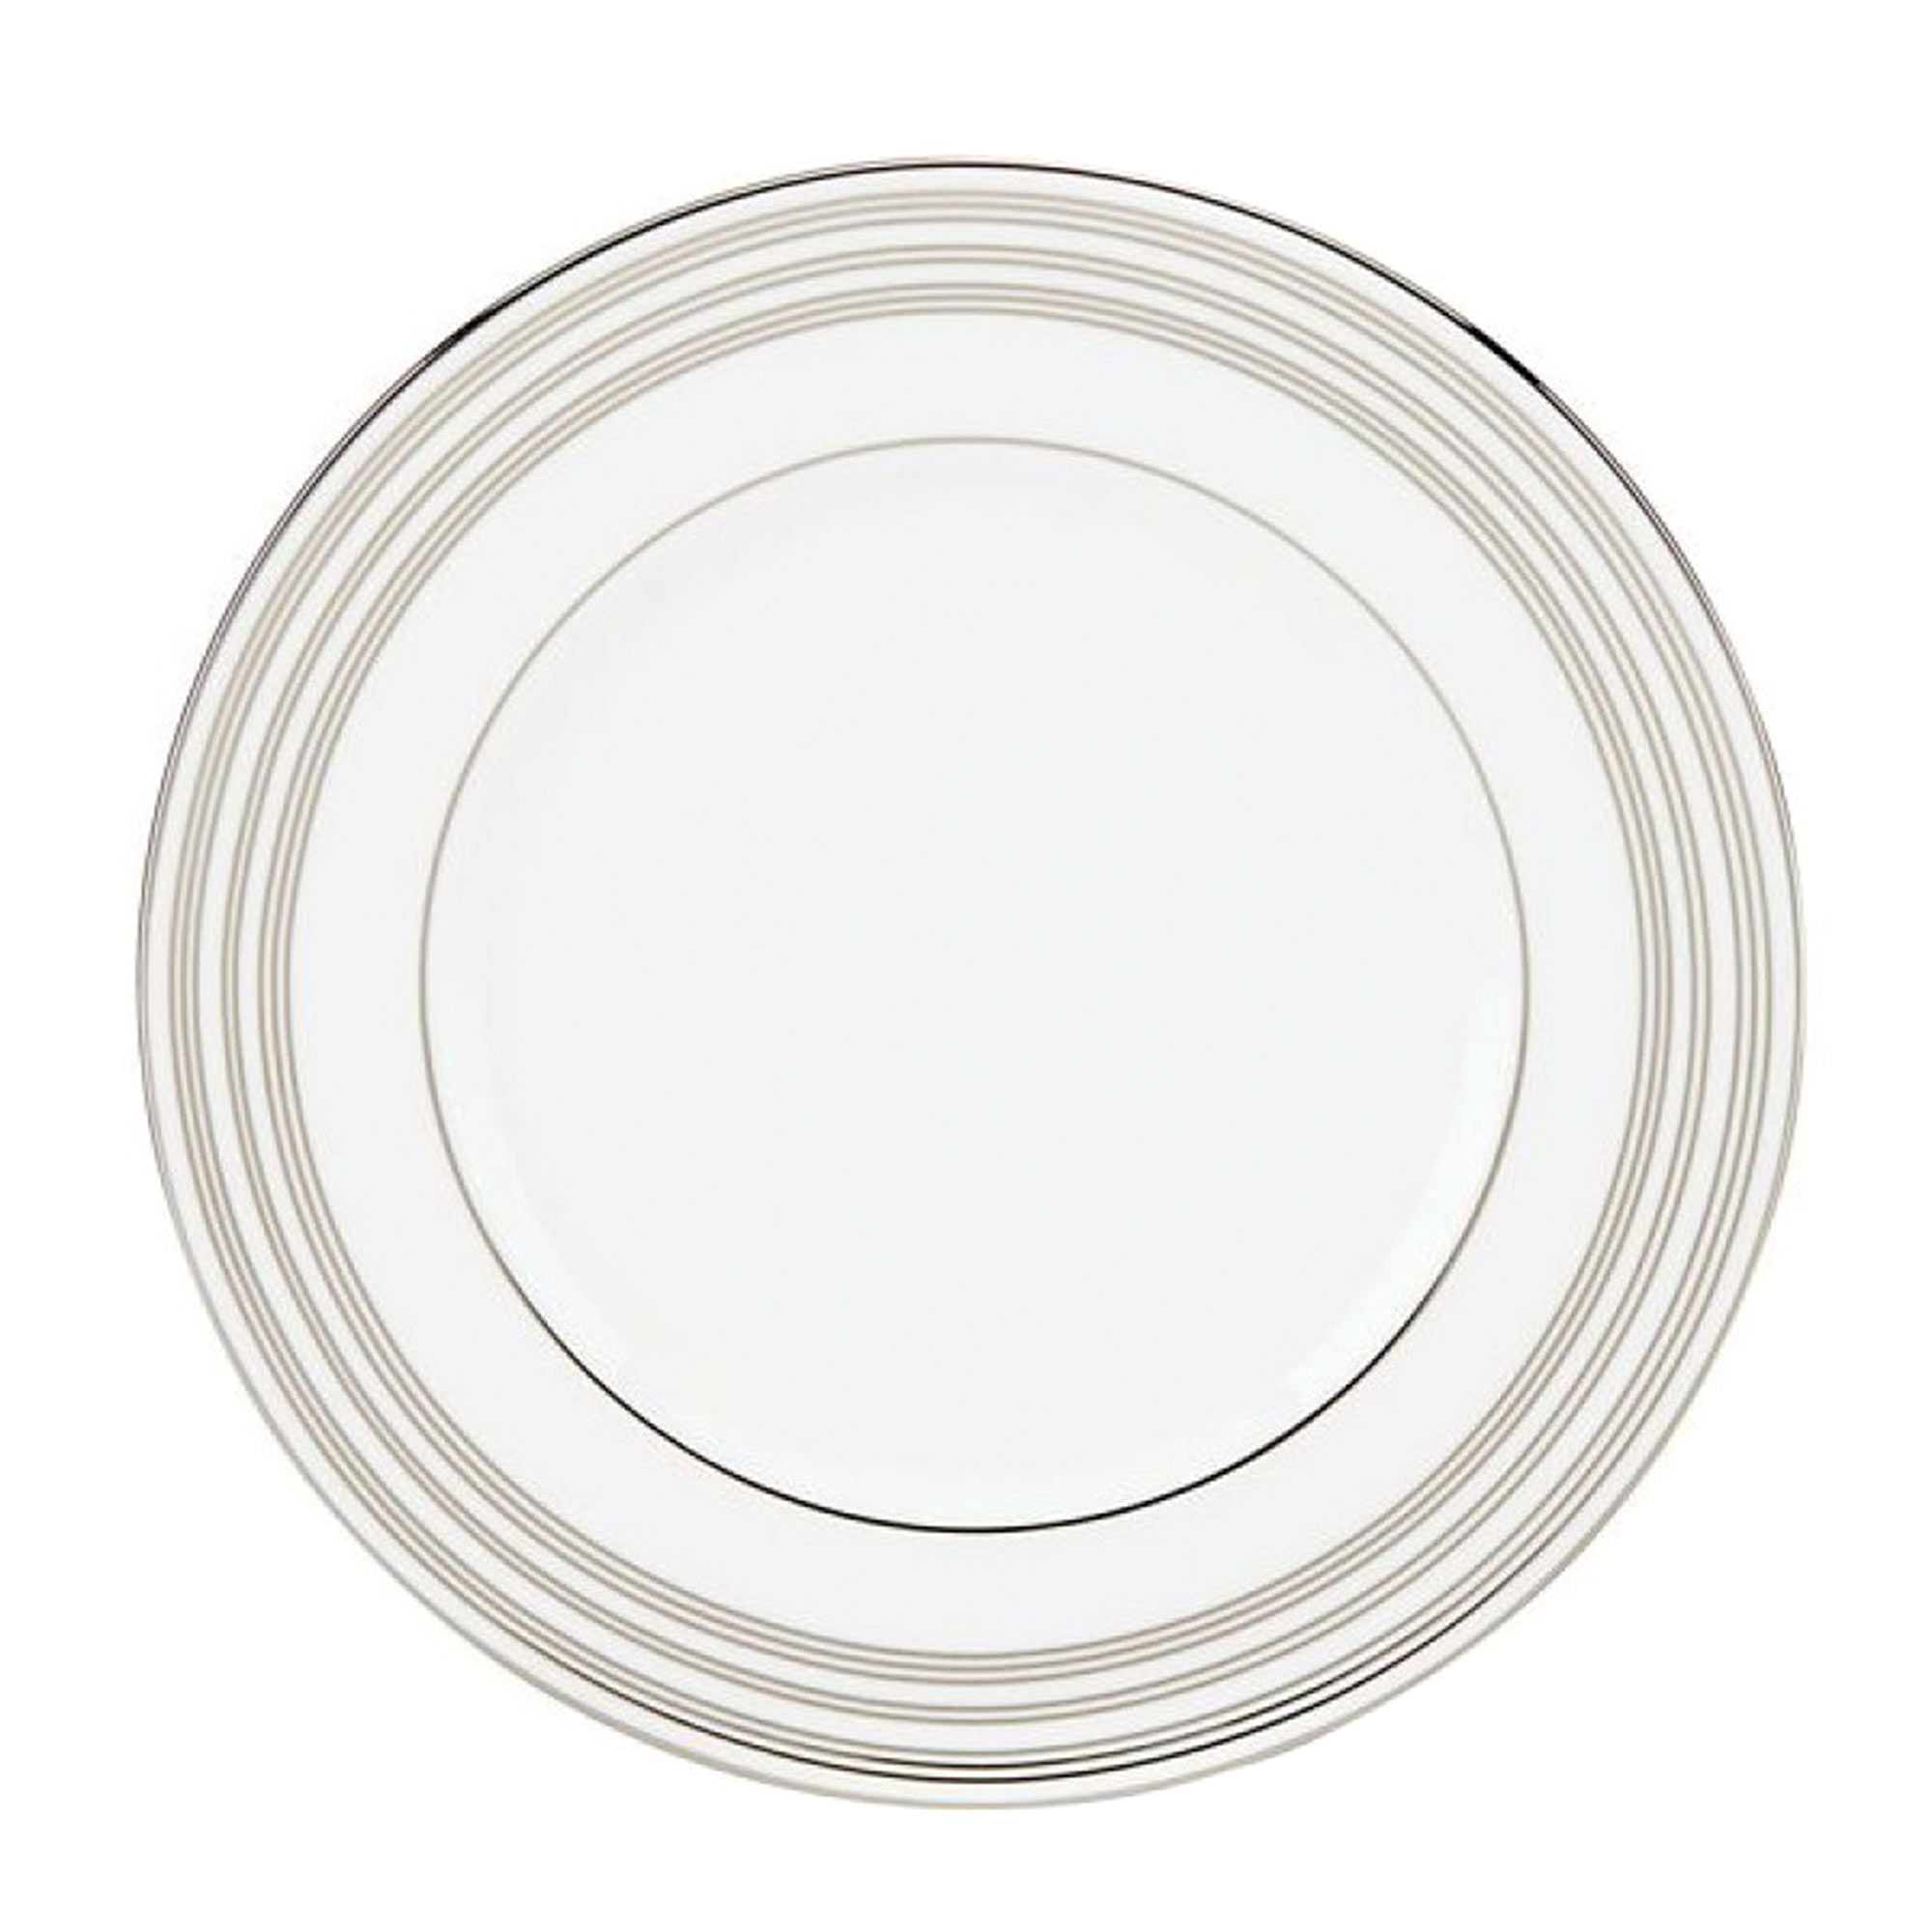 Тарелка Lenox Федеральный платиновый кант 23 см